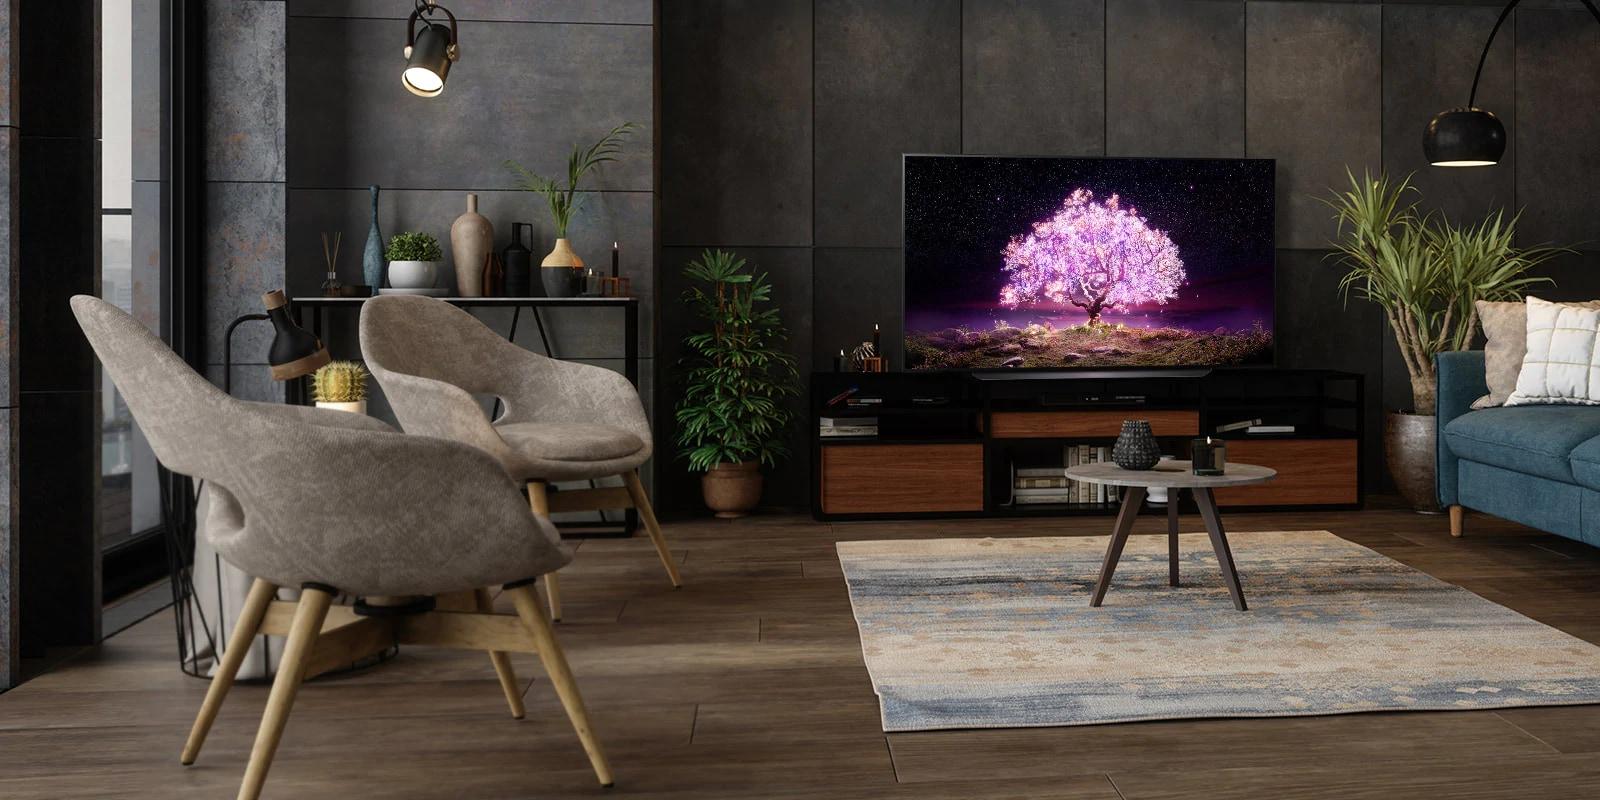 Un televisor muestra un árbol que emite una luz morada en una casa lujosa